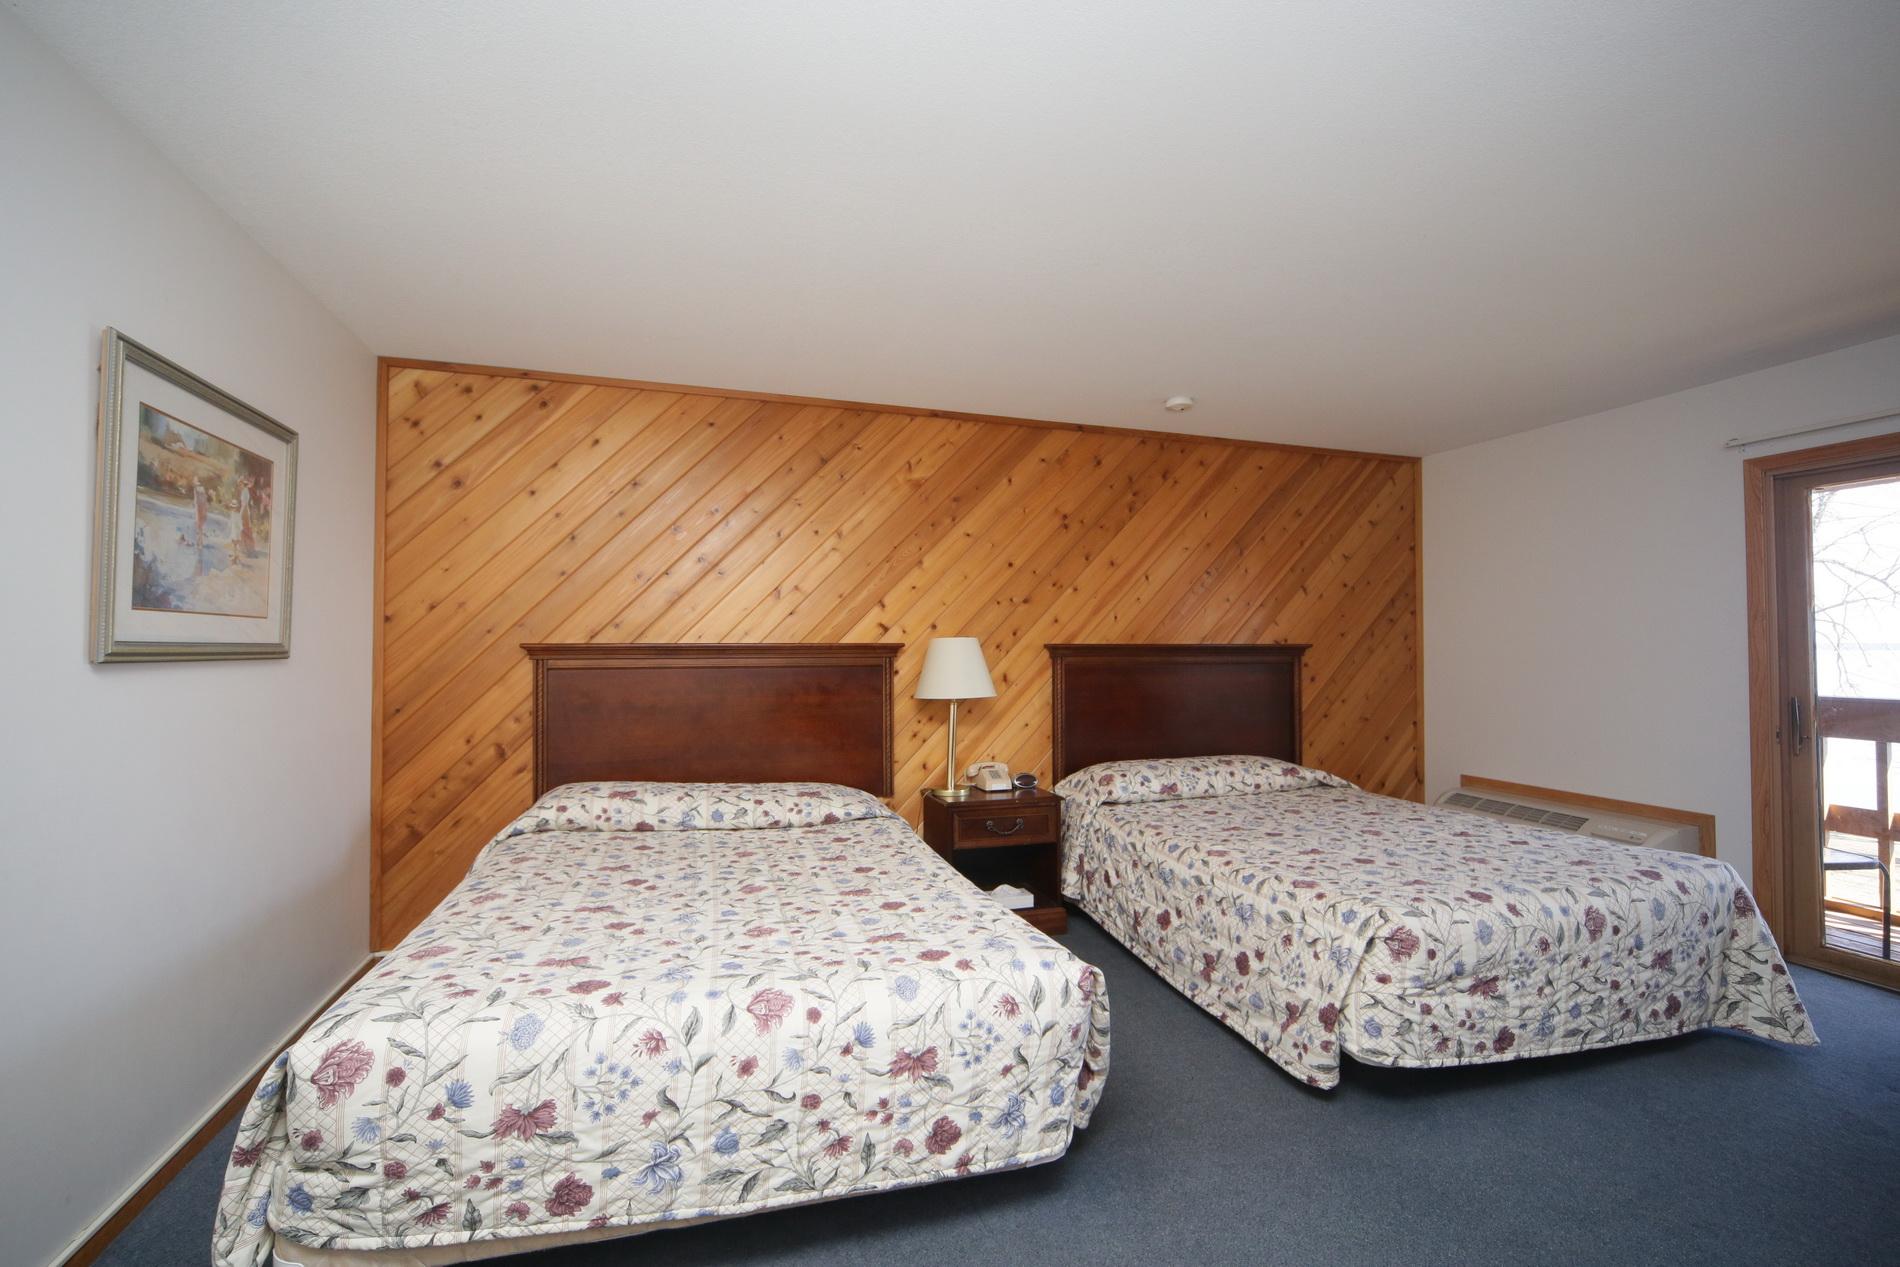 37-beds